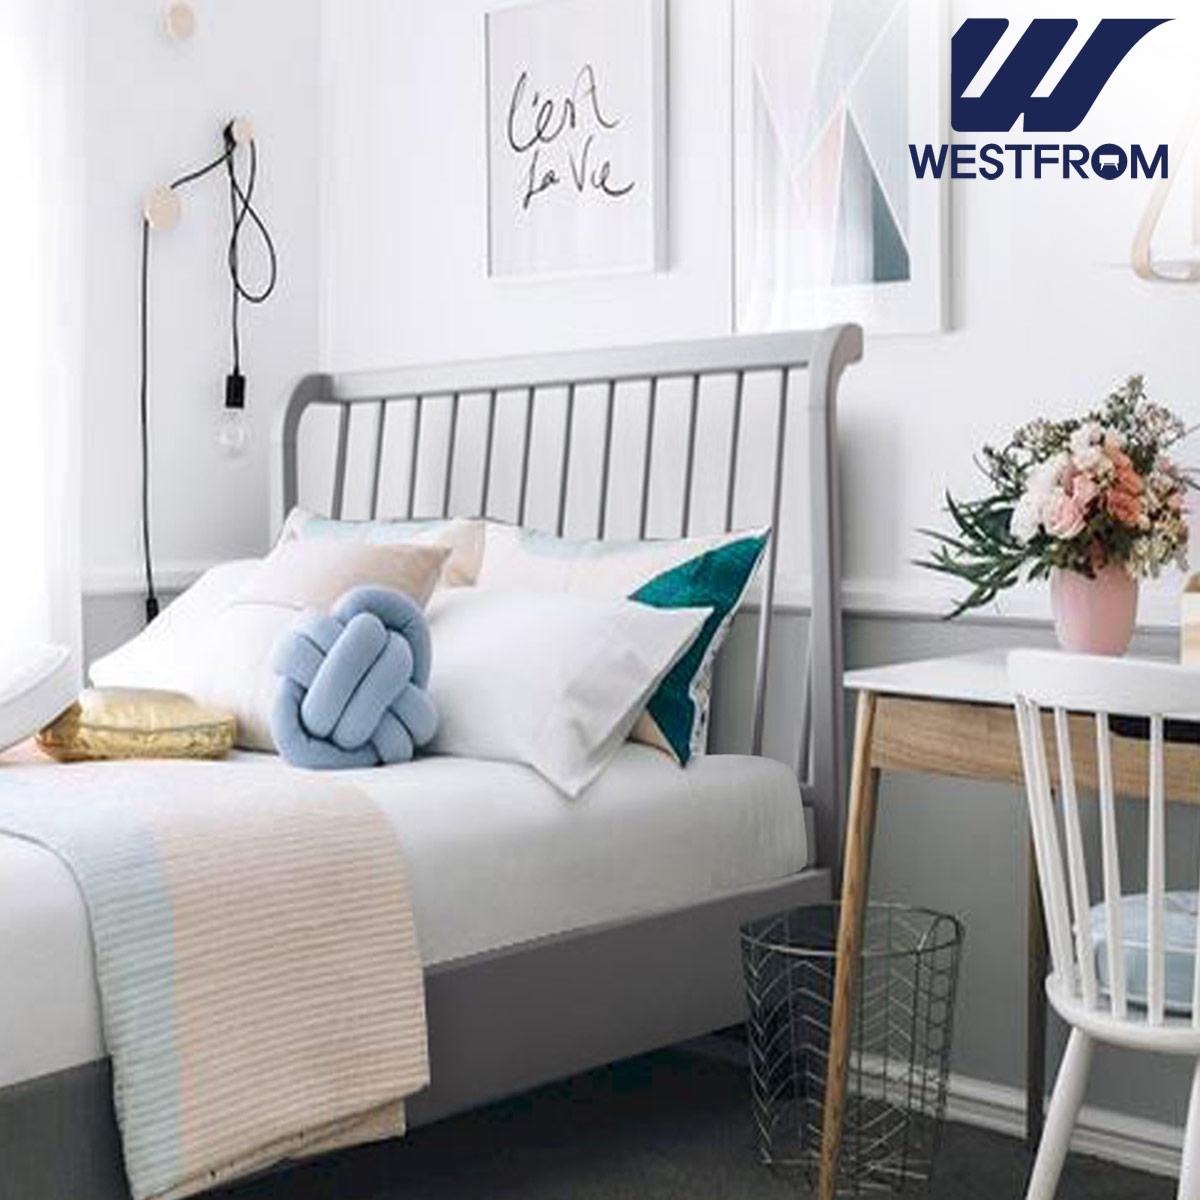 [웨스트프롬] 모던 잉그리드) 원목 평상형 침대(SS) / 클라우드 Top F13 SS 매트리스